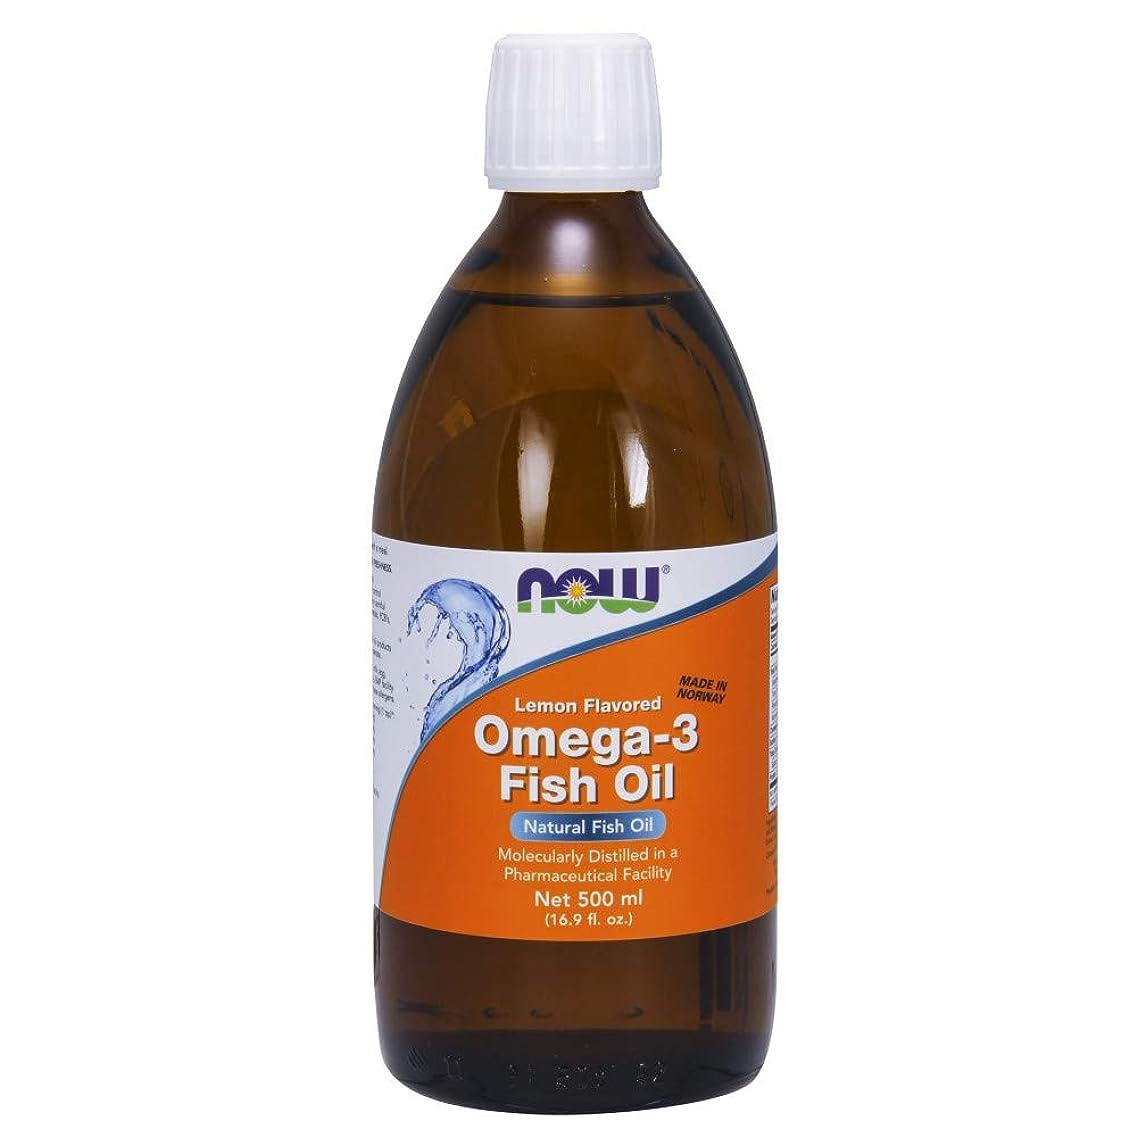 文明化ありそう準備した[海外直送品] ナウフーズ  Omega-3 Fish Oil Lemon Lemon 16.9 oz